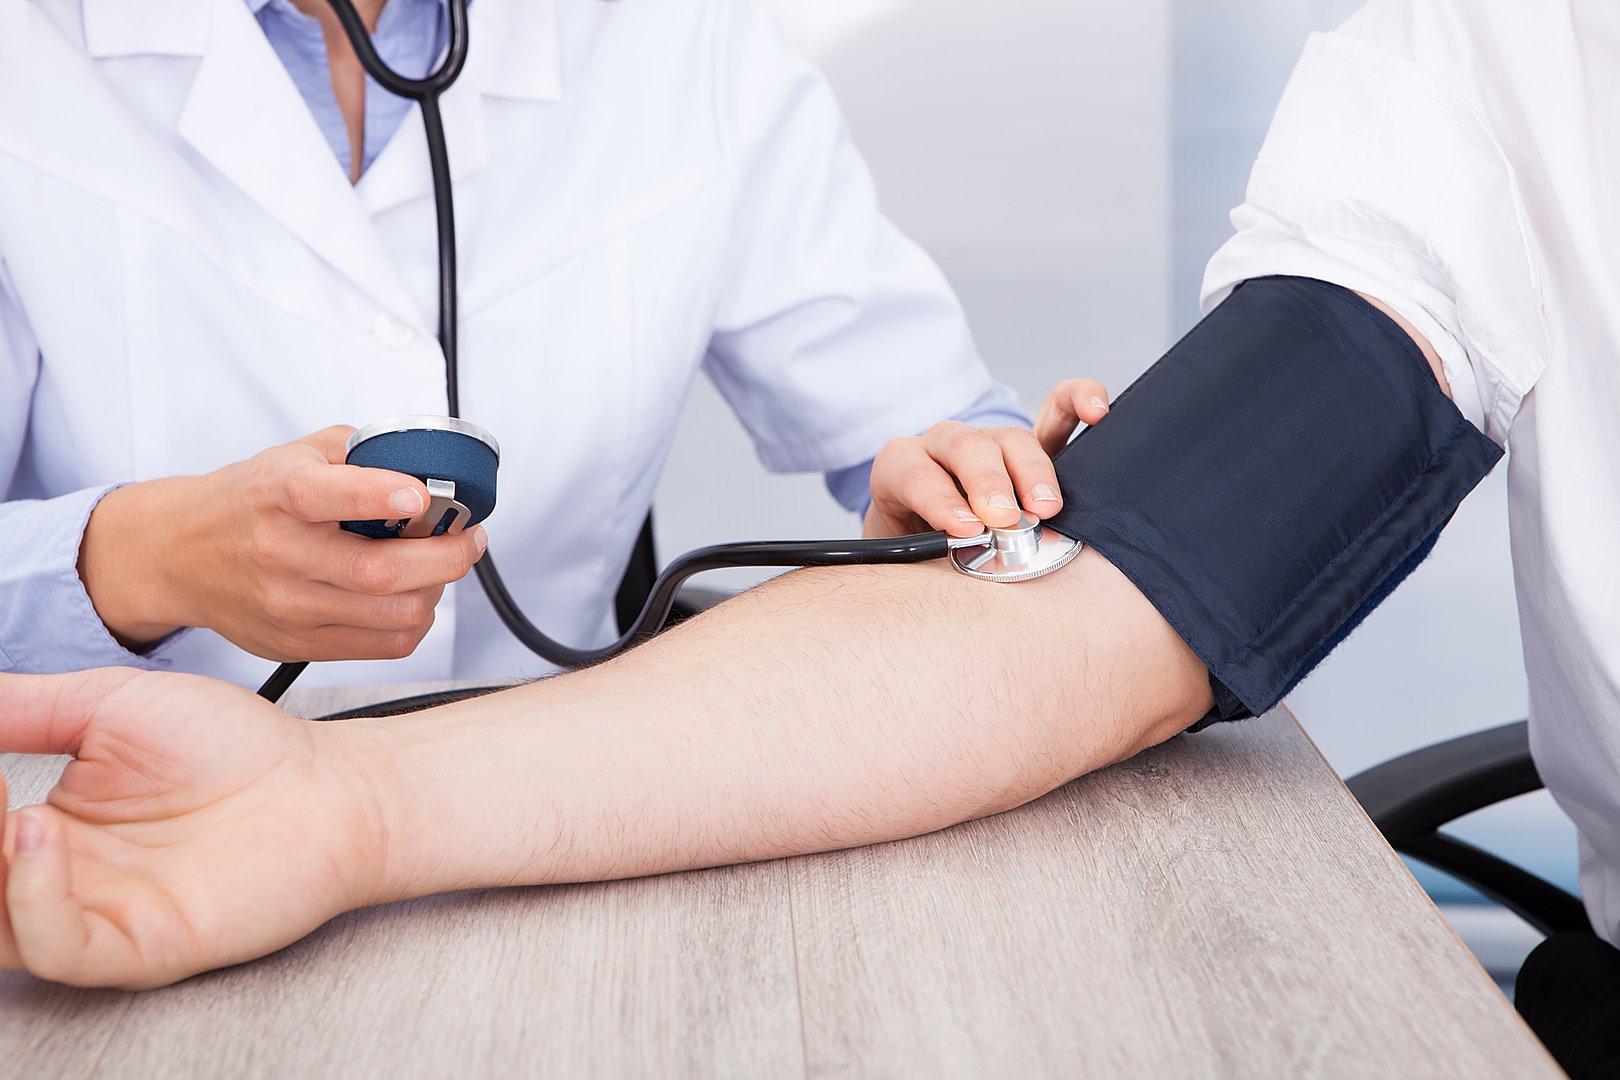 В присутствии врача артериальное давление может повышаться